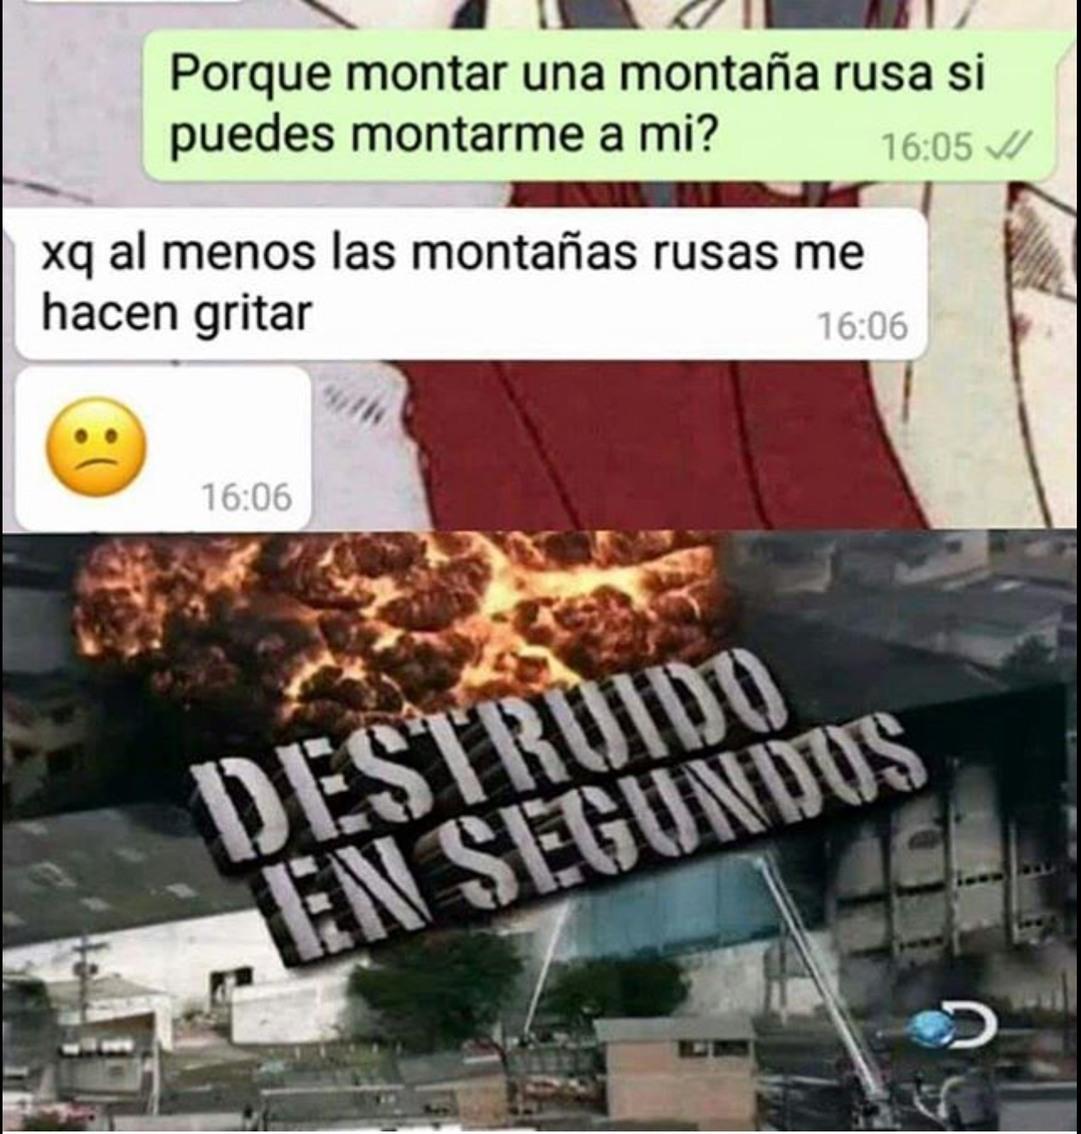 Destruido en segundos  - meme